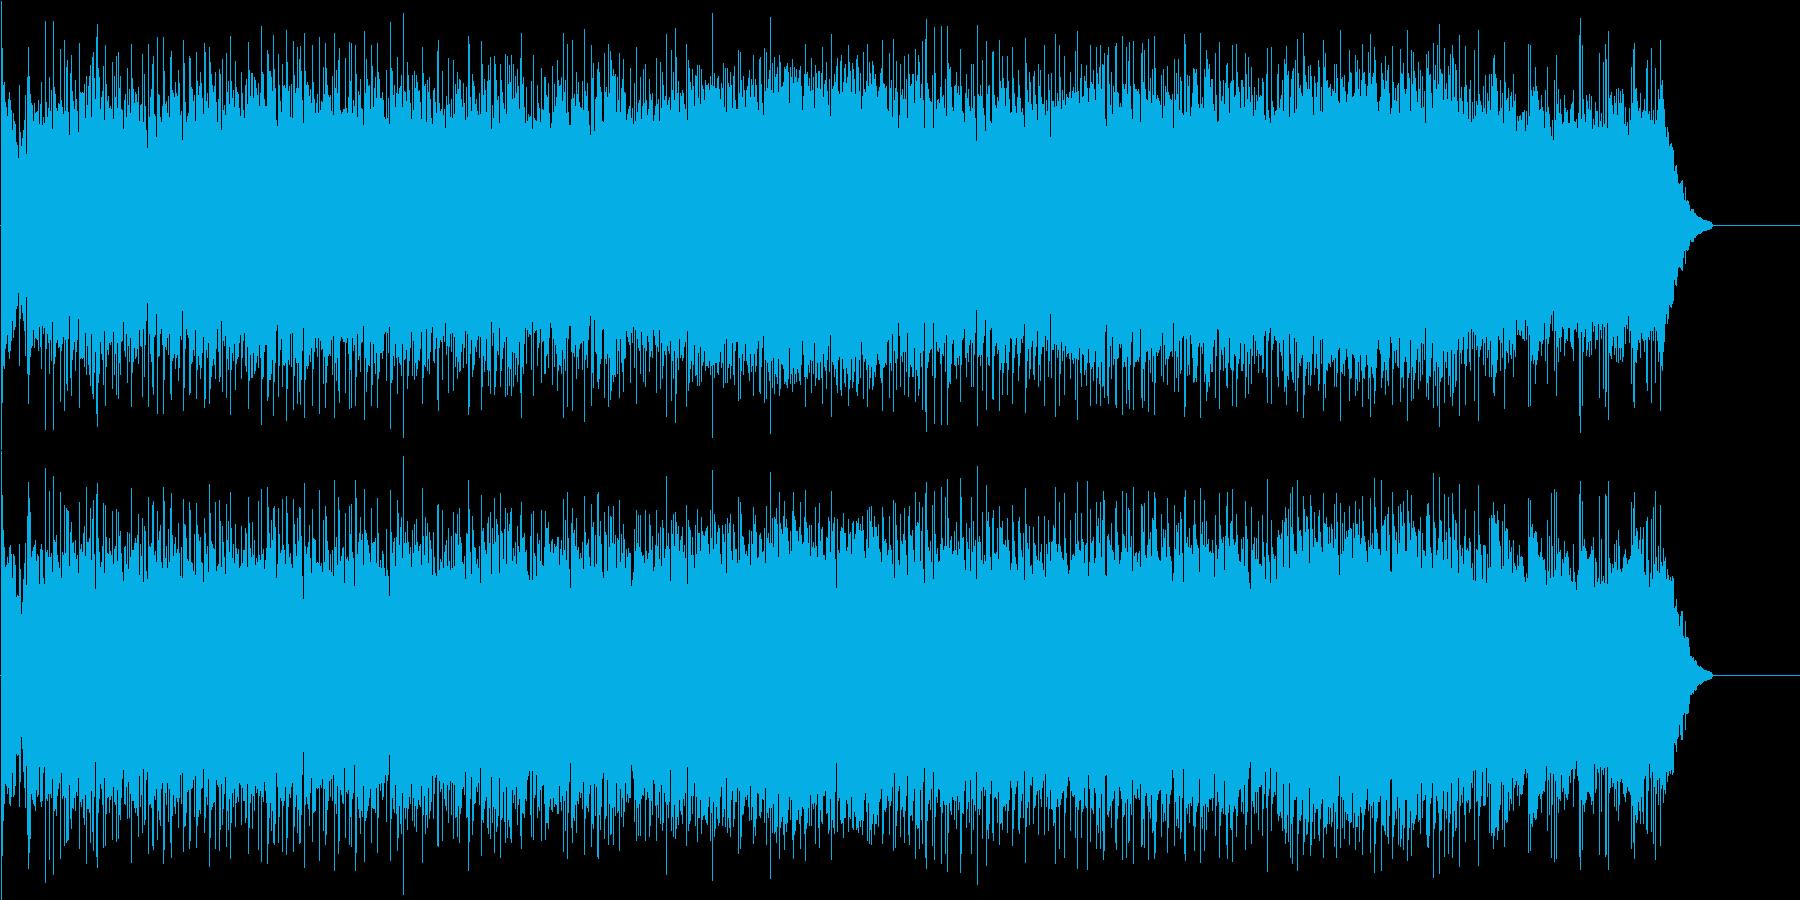 お洒落な6/8拍子ポップ・フュージョンの再生済みの波形